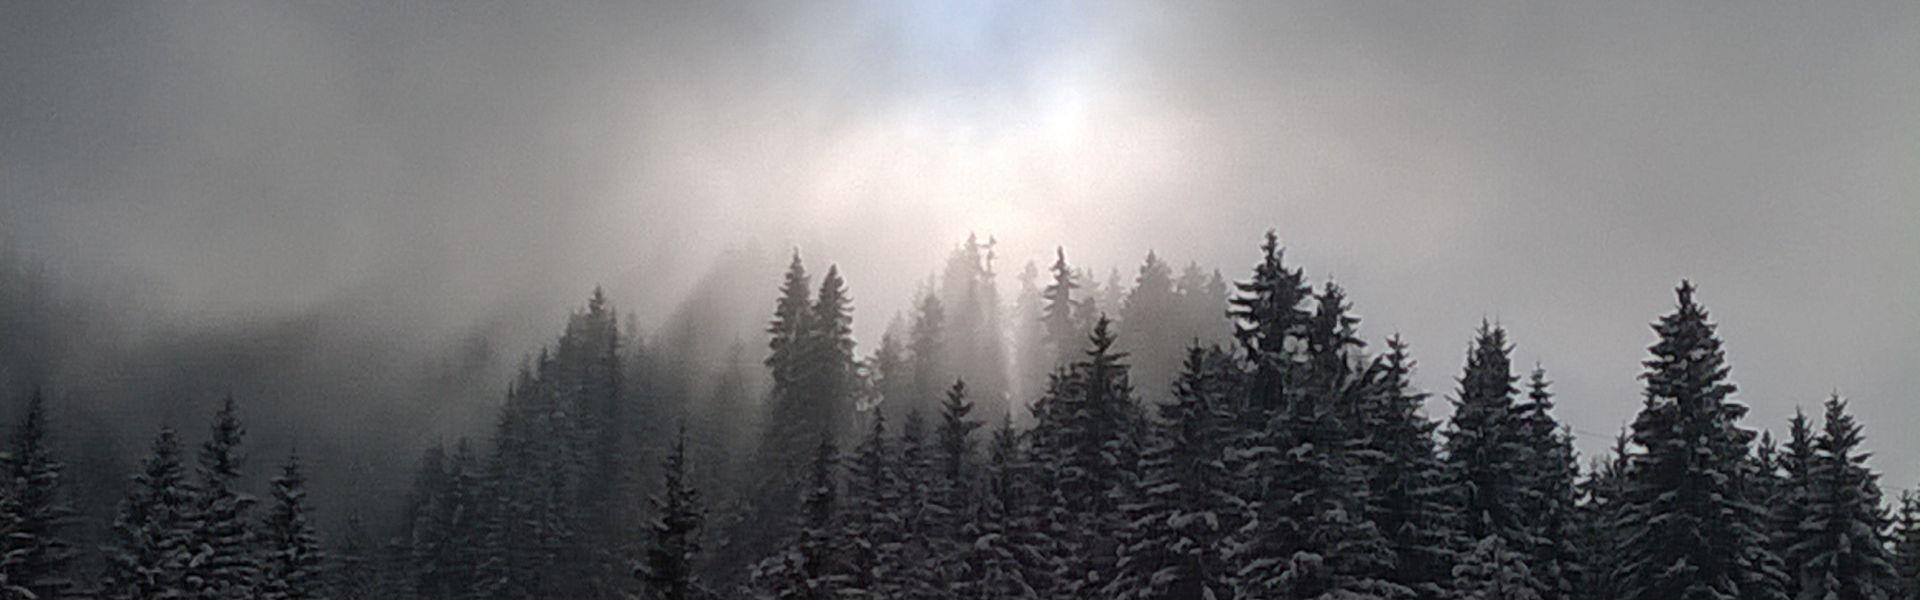 Besneeuwde bomen in de mist bij het versje 'Hoop' van Paul de Vries